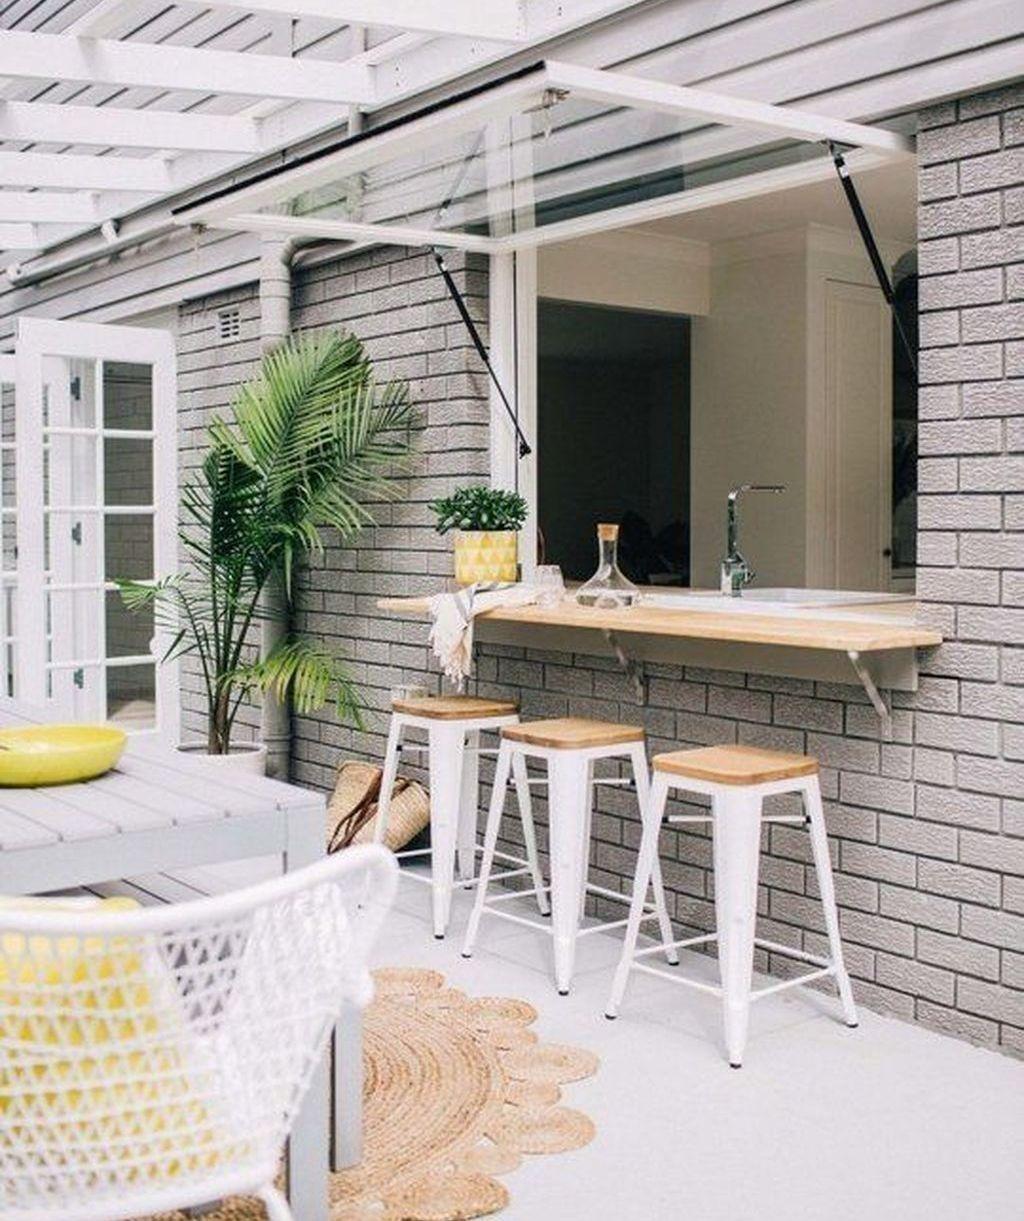 38 Wonderful Kitchen Bars Design Ideas For Kitchen Looks Cool Indoor Outdoor Kitchen Kitchen Window Bar Kitchen Bar Design